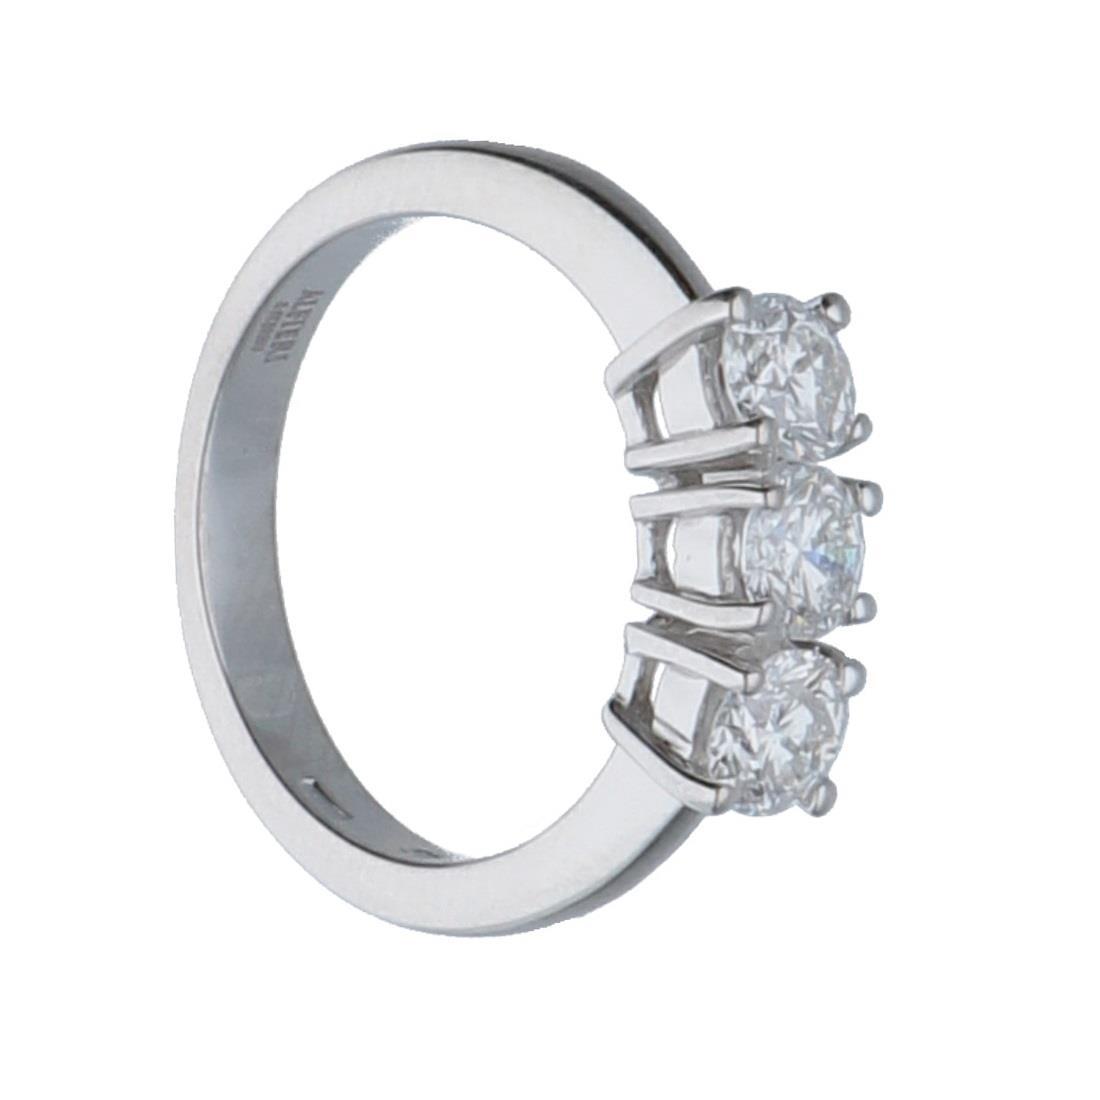 Anello trilogy in oro bianco con diamanti mis 13 - ALFIERI & ST.JOHN